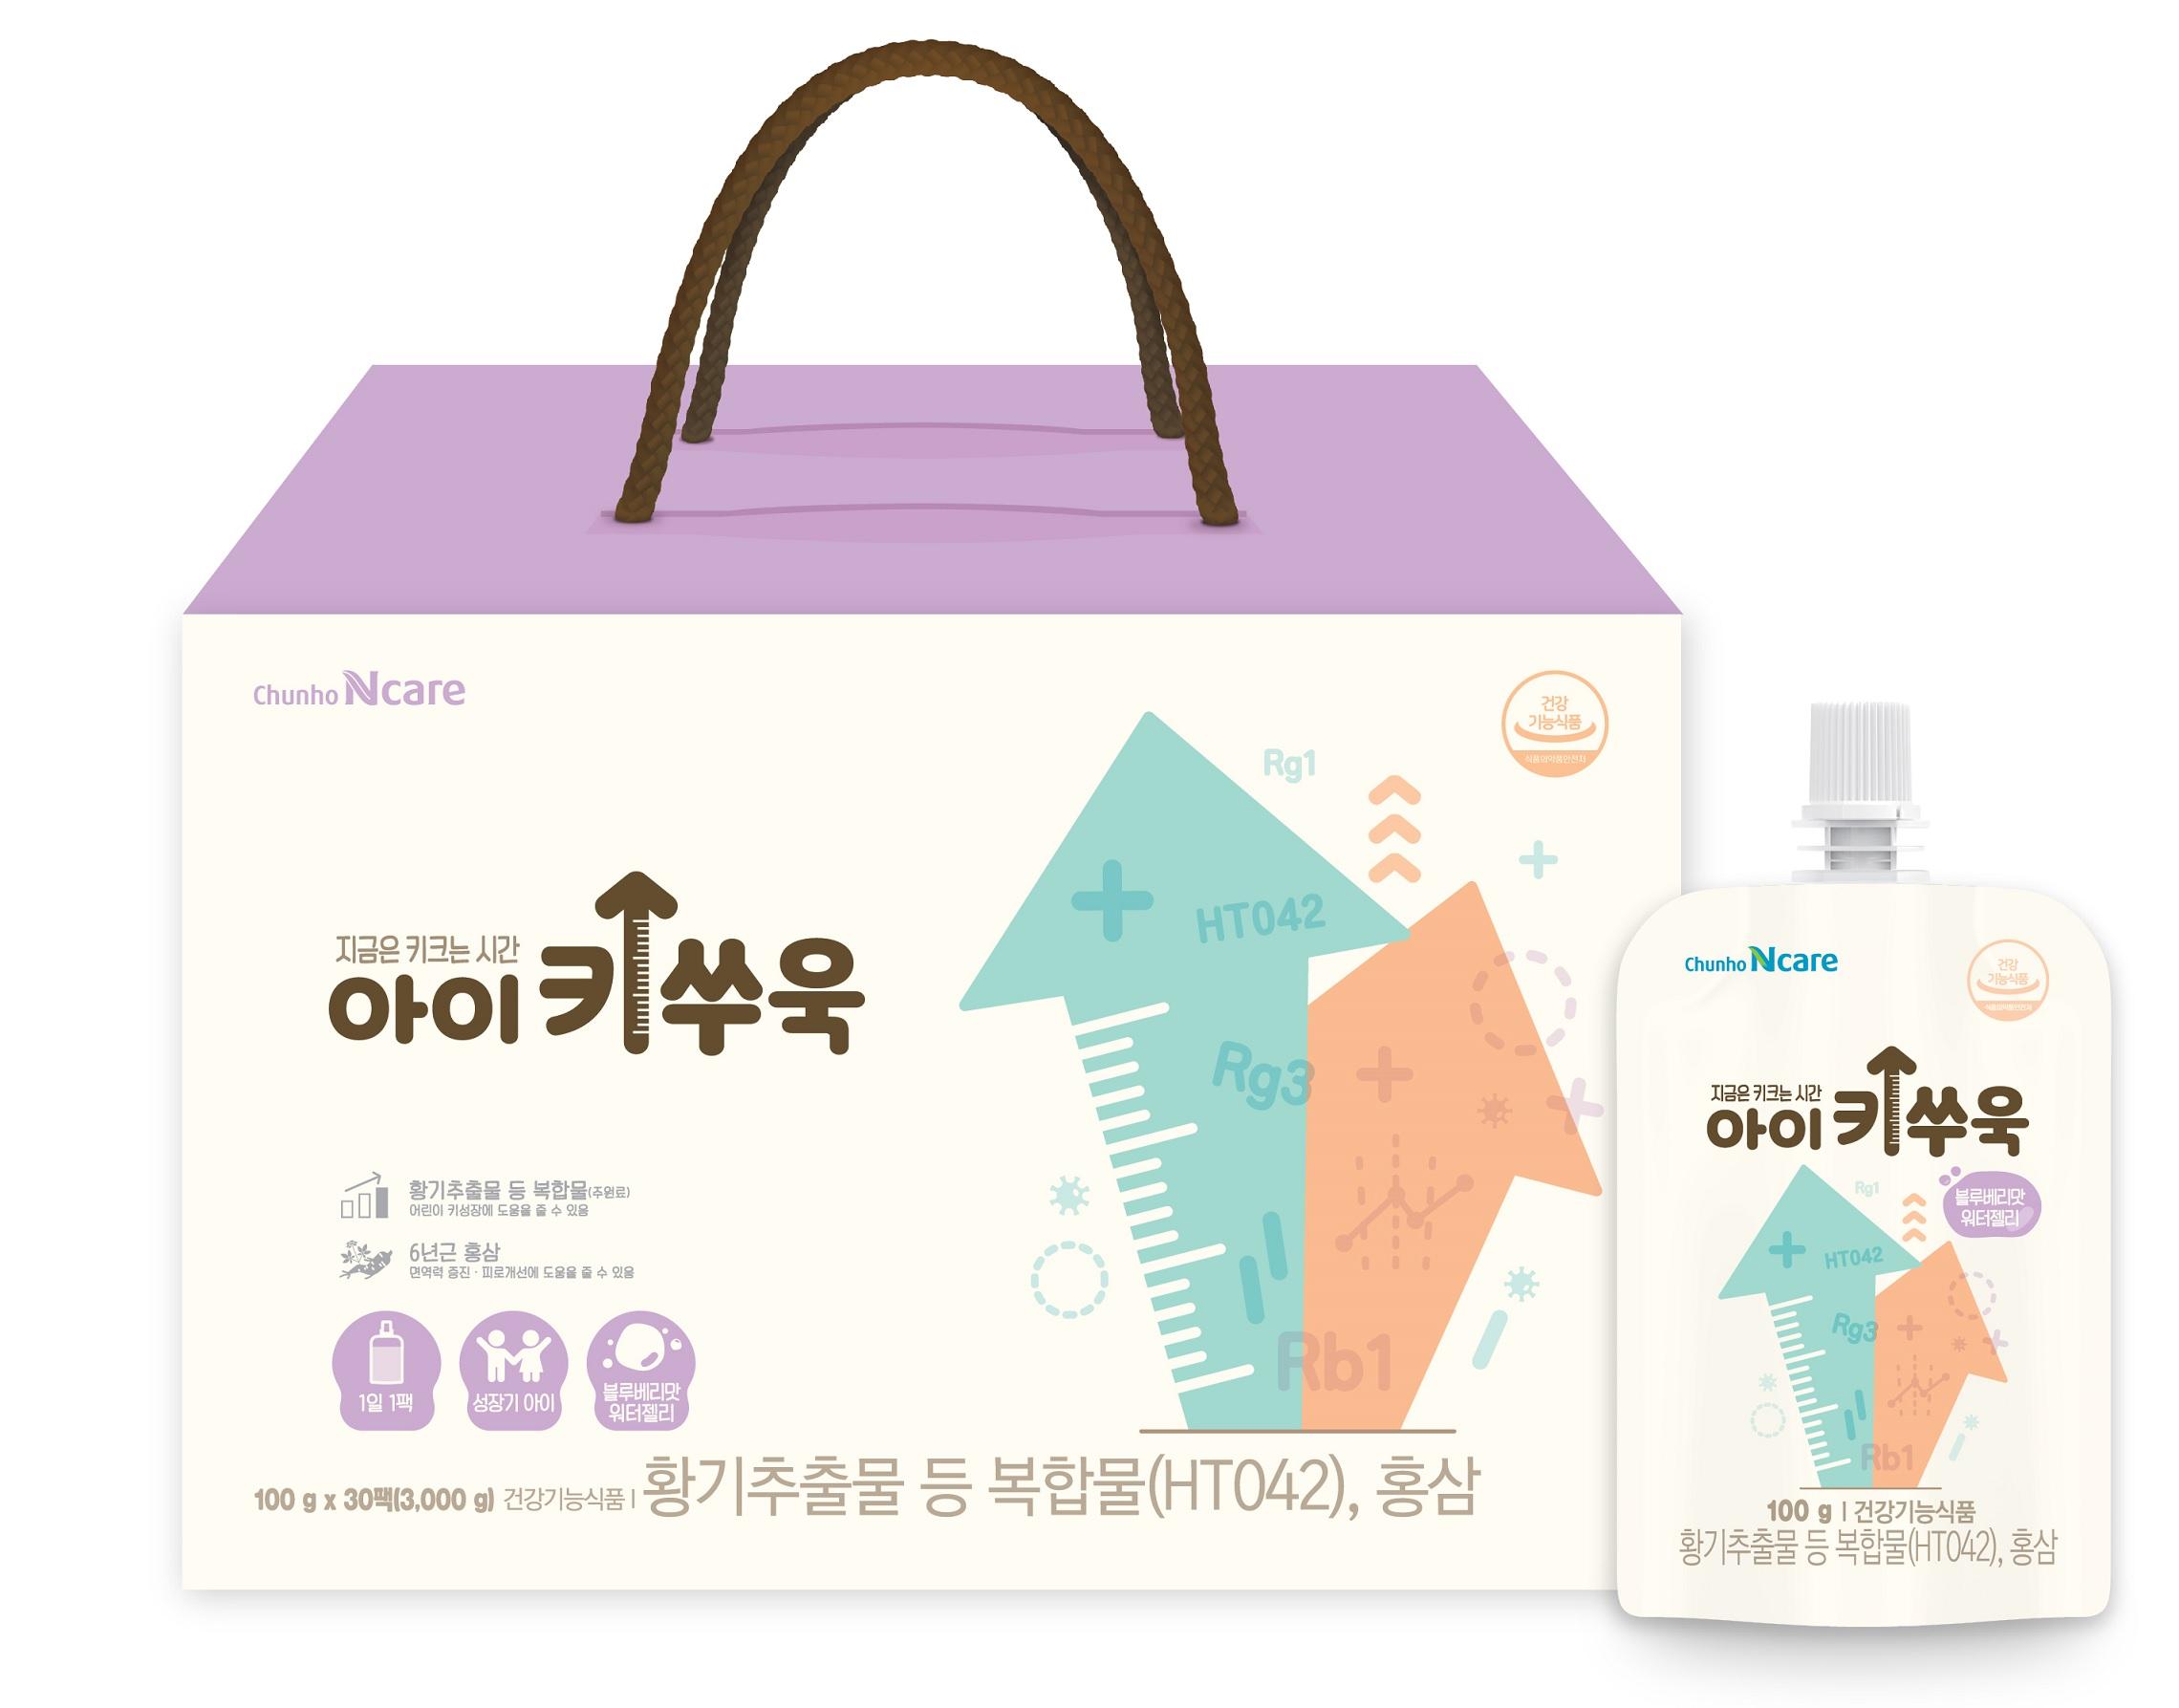 [건강코디]천호엔케어 아이키쑤욱 상담신청